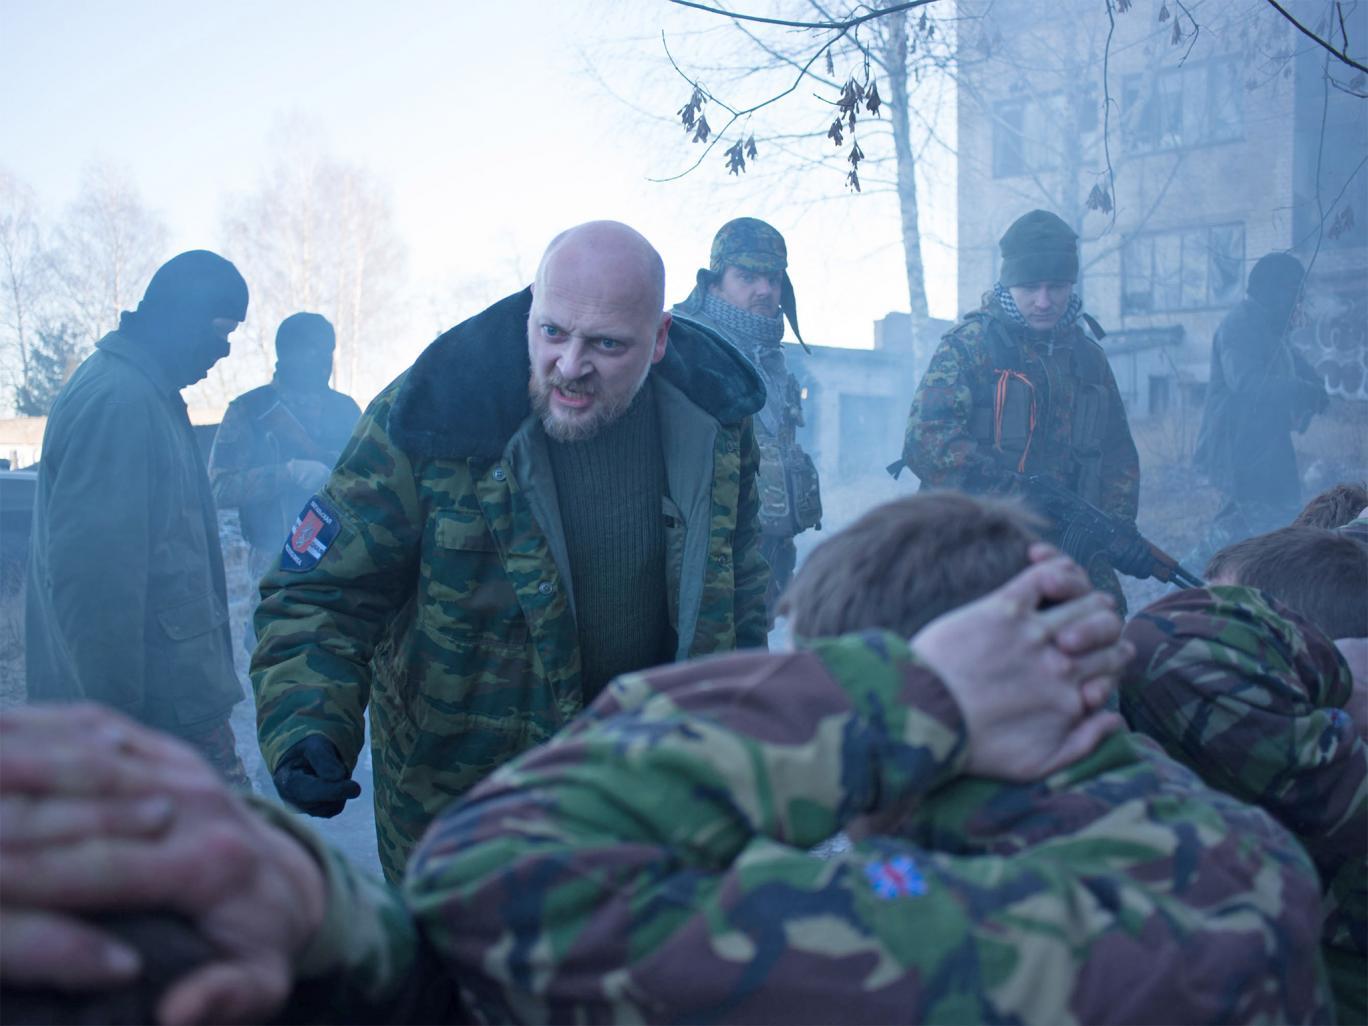 La BBC presenta un inverosímil escenario en Letonia